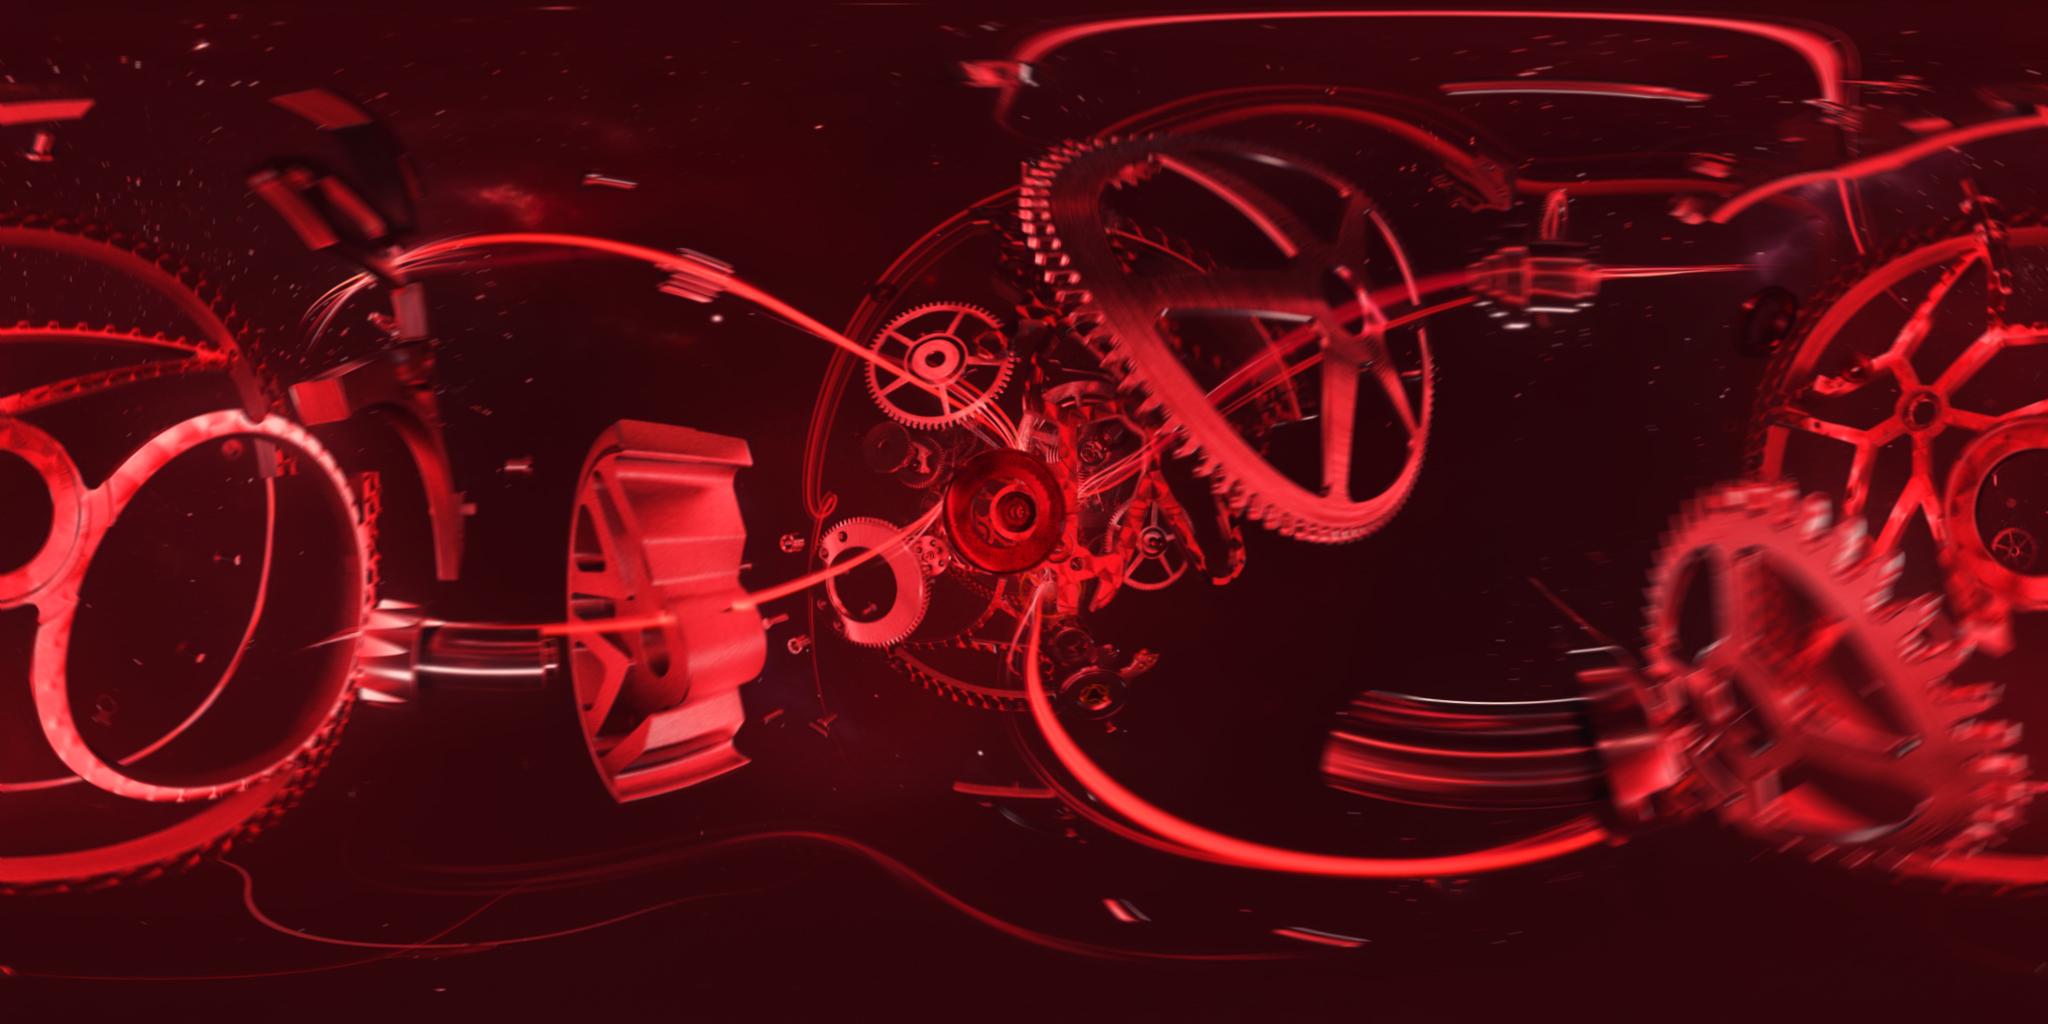 RDU_VR01_2K_Stereo_V1 (0-00-55-46).jpg